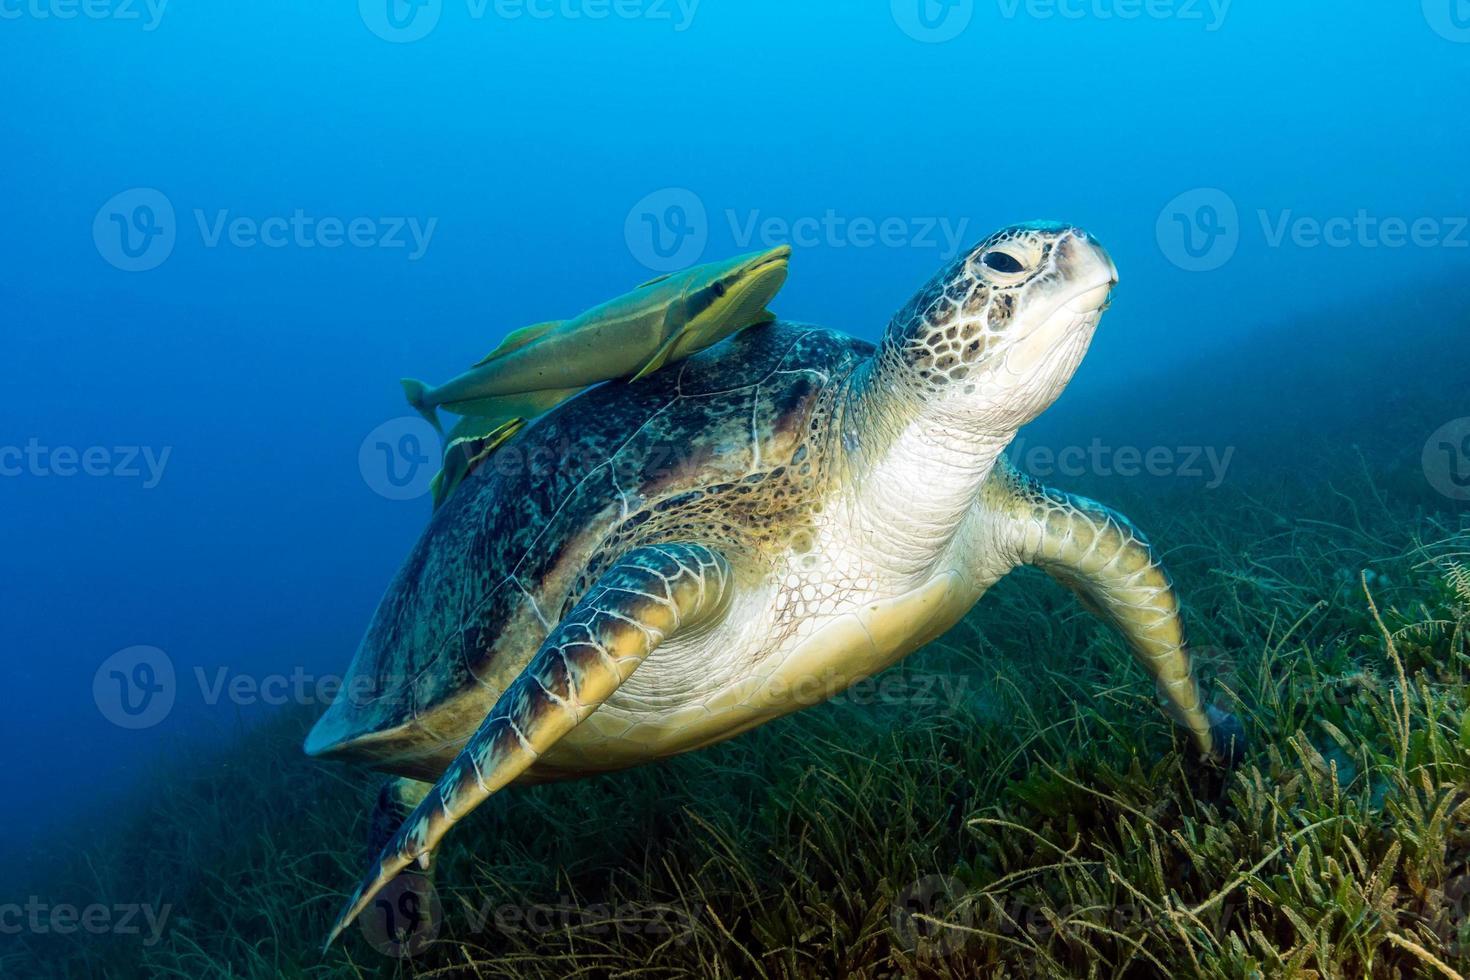 tortuga verde con remora adjunta en algas marinas foto